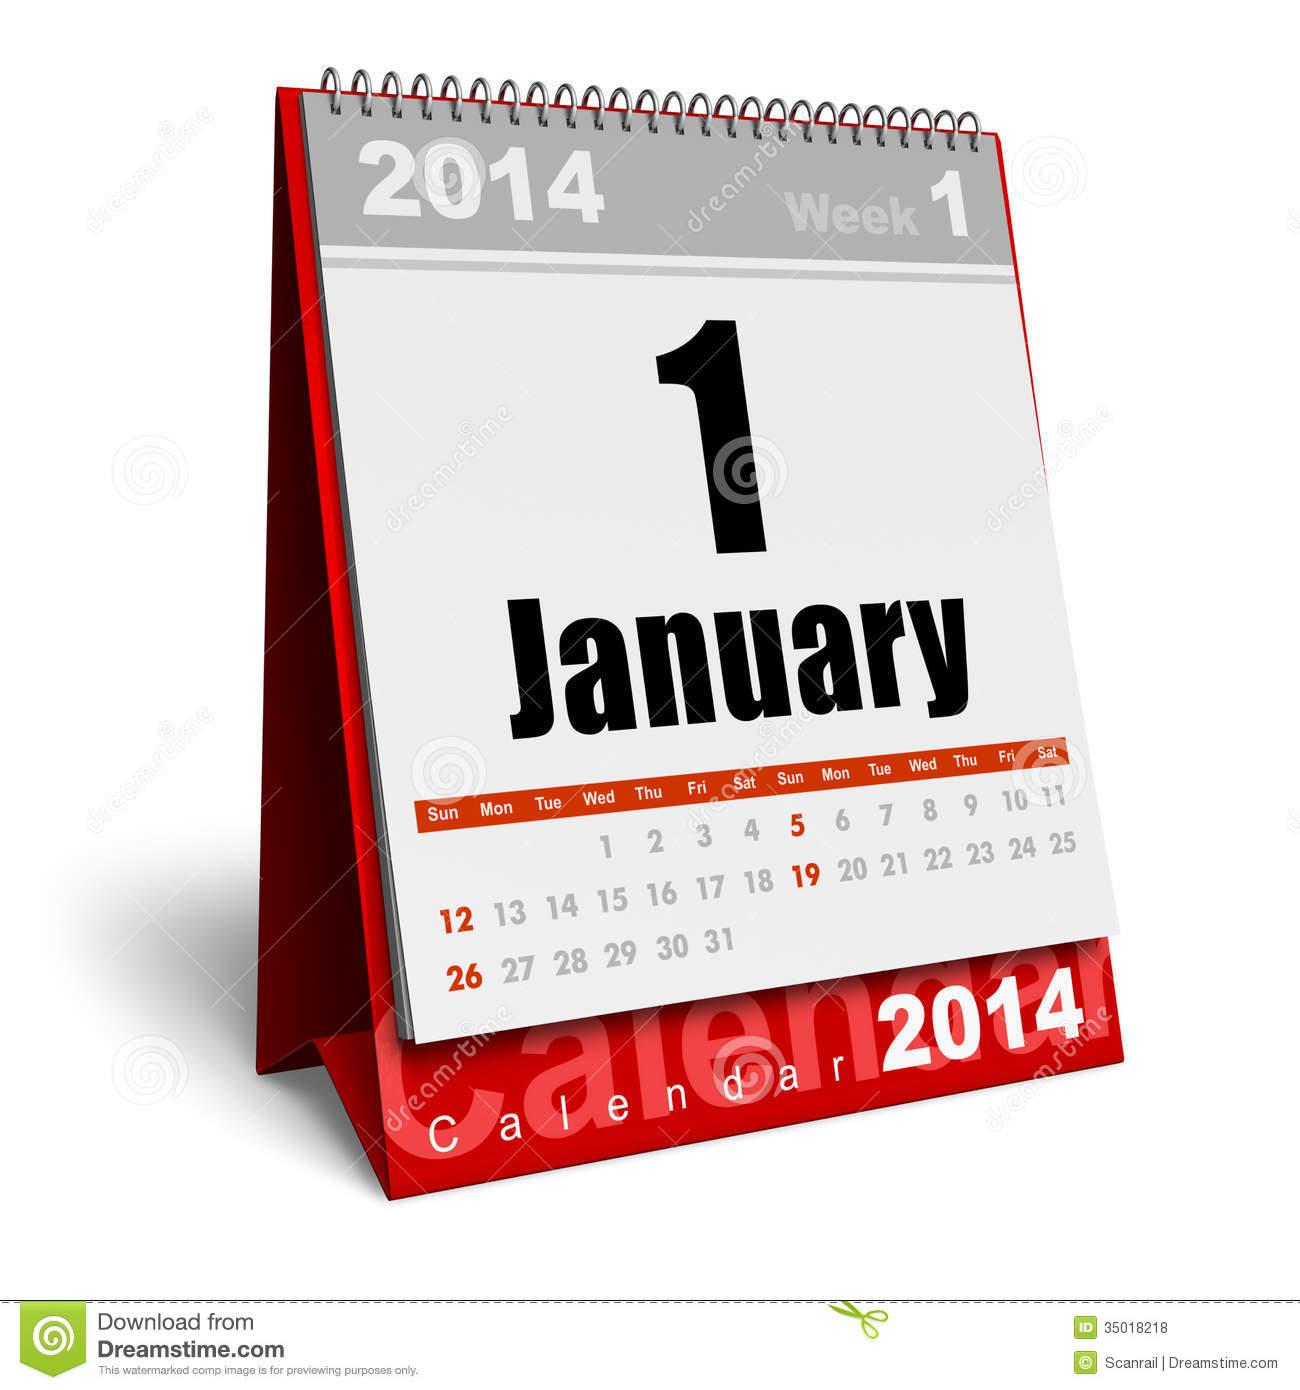 January 2014 Calendar Clipart.